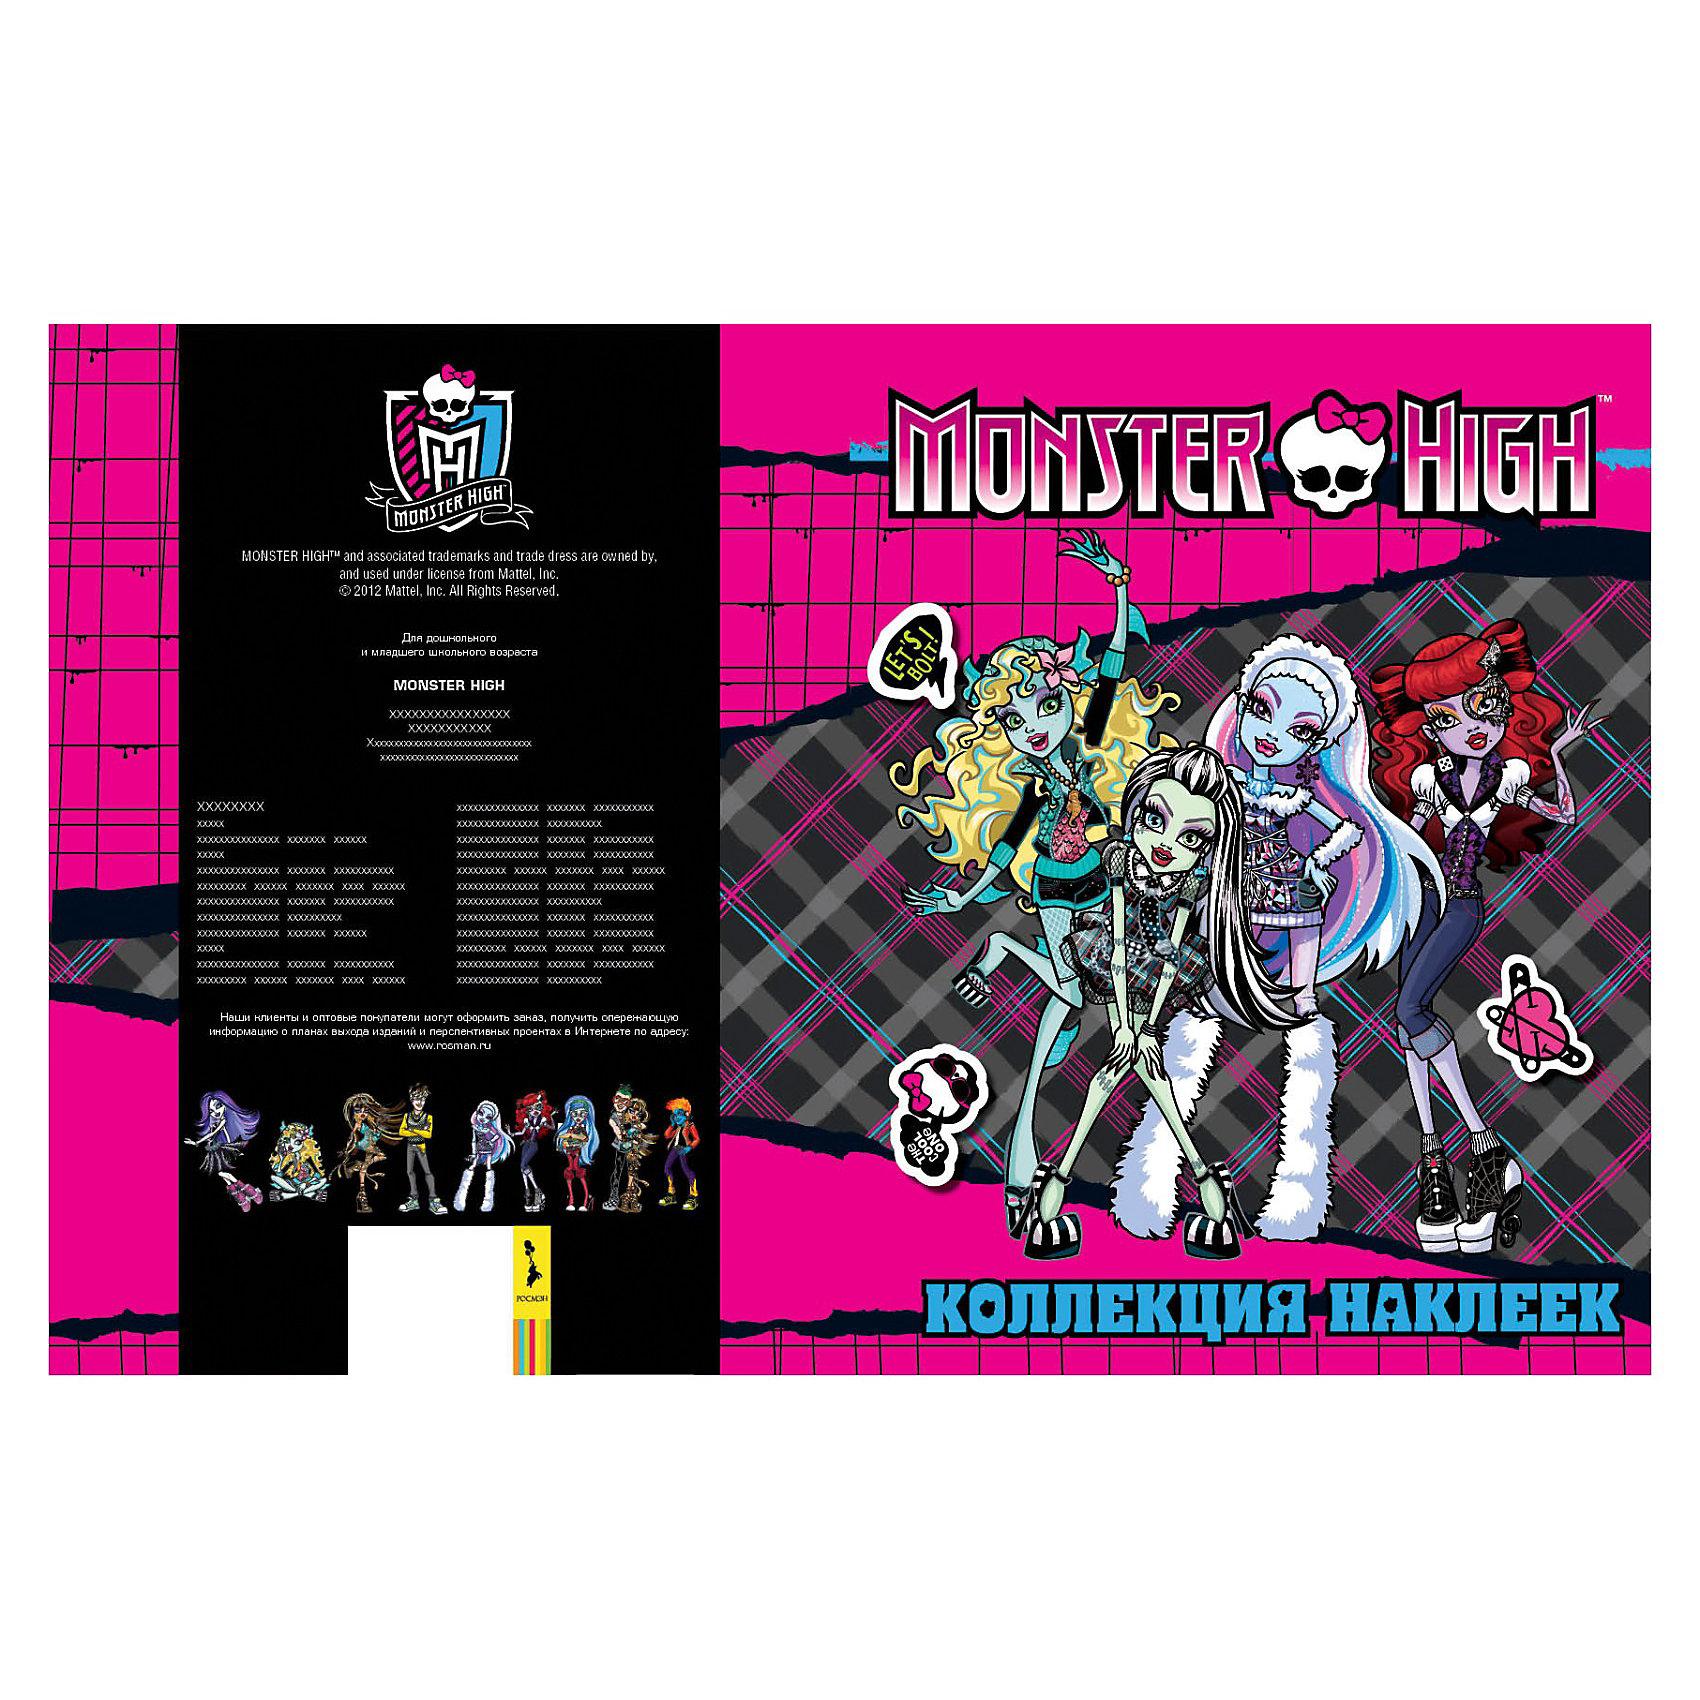 Росмэн Коллекция наклеек , розовая, Monster High куклы монстер хай купить эбби и хит видео